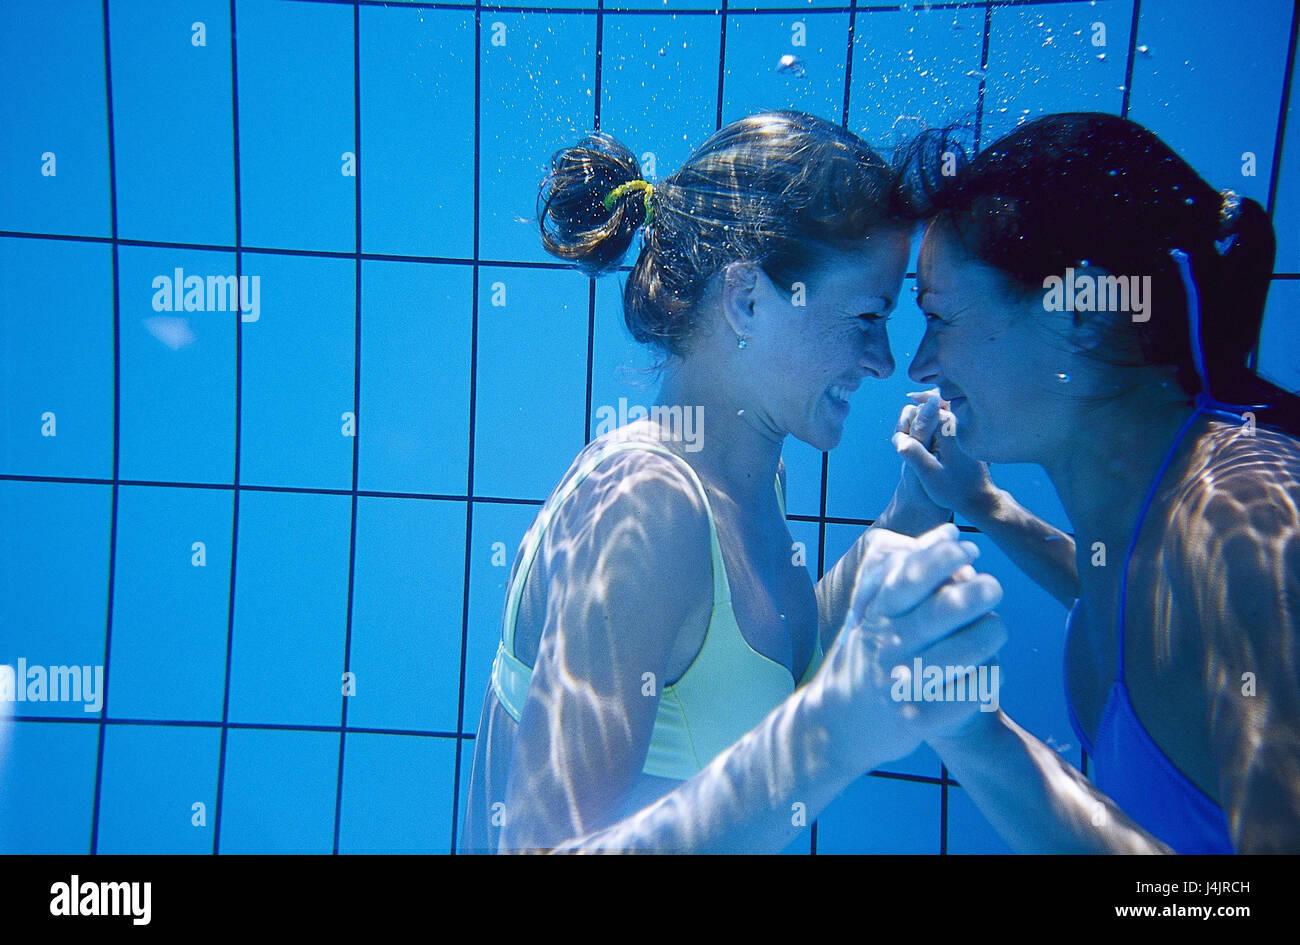 faa6f754a6 Piscina, registrazione subacquea, donne felicemente, contatto visivo, del  battistrada sotto L'acqua, piscina, piscina, piscina, giovani, vacanze, ...